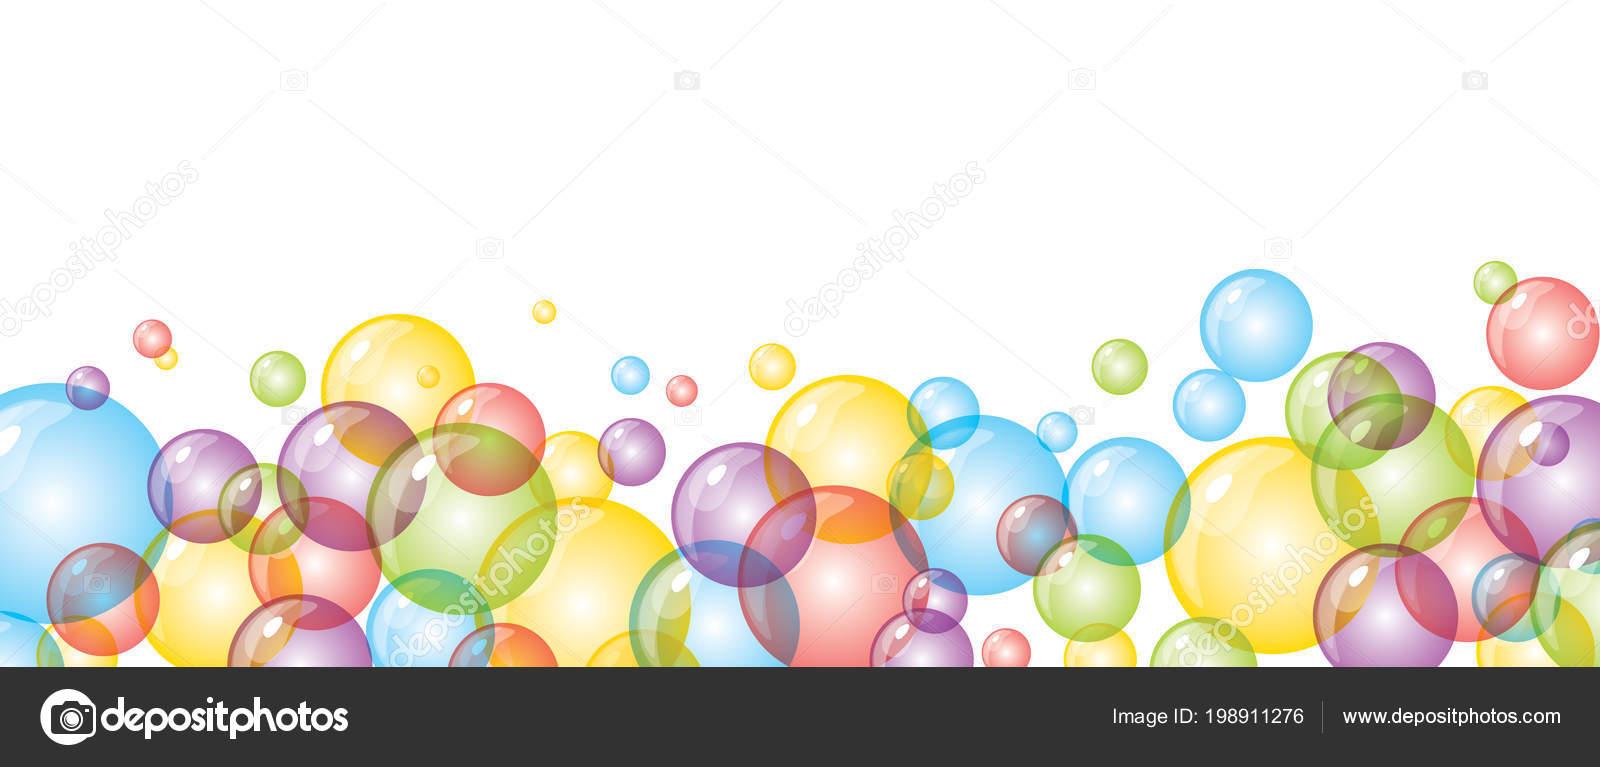 Fondo Con Burbujas Colores